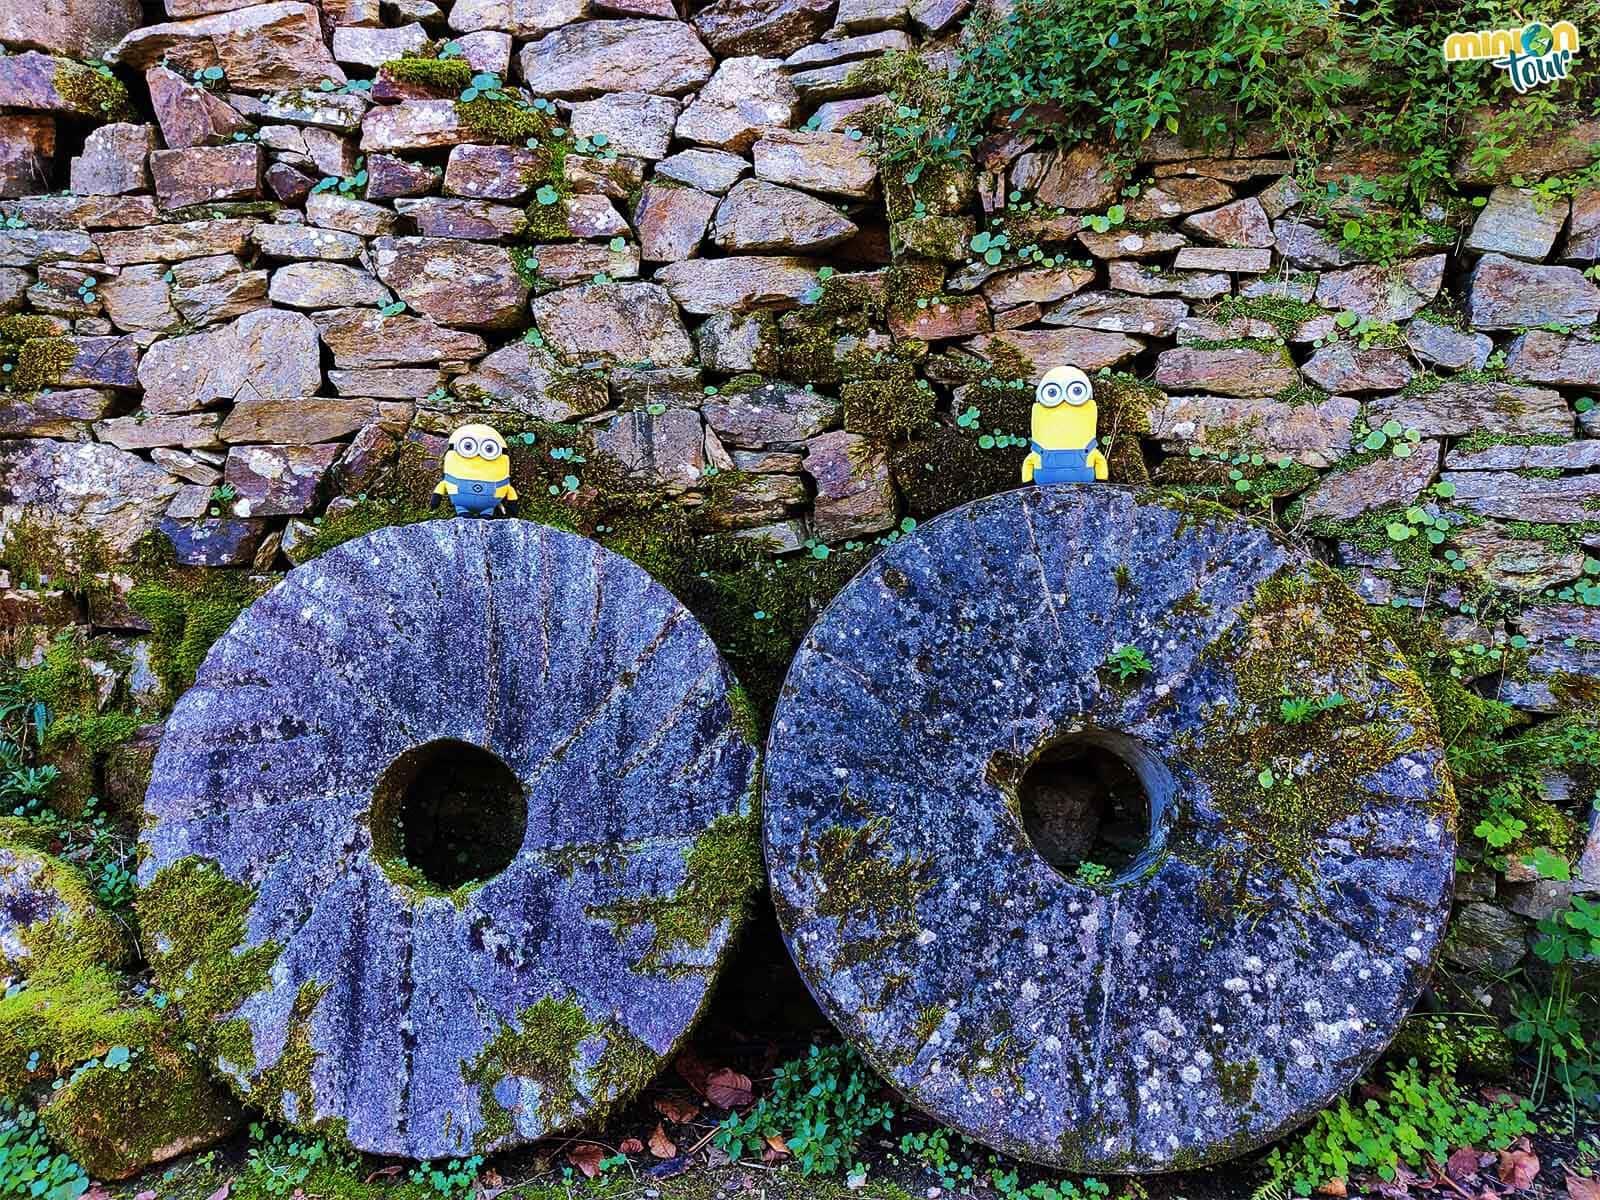 Nos hemos encontrado con las piedras del molino